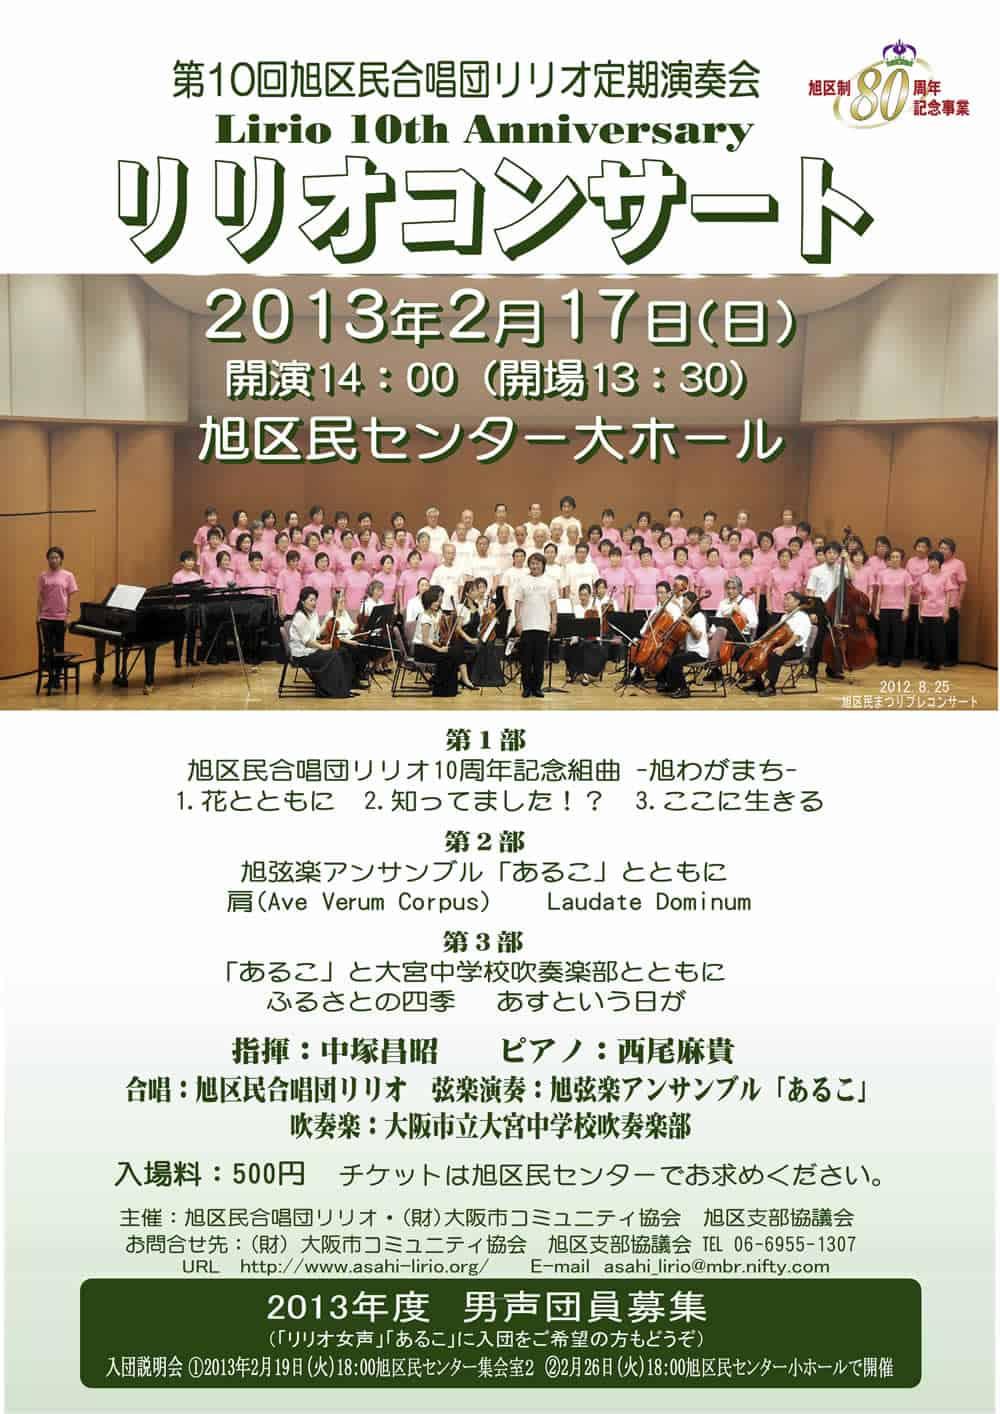 【動画】旭区民合唱団リリオのコンサートに出演します。(旭弦楽アンサンブルあるこ)